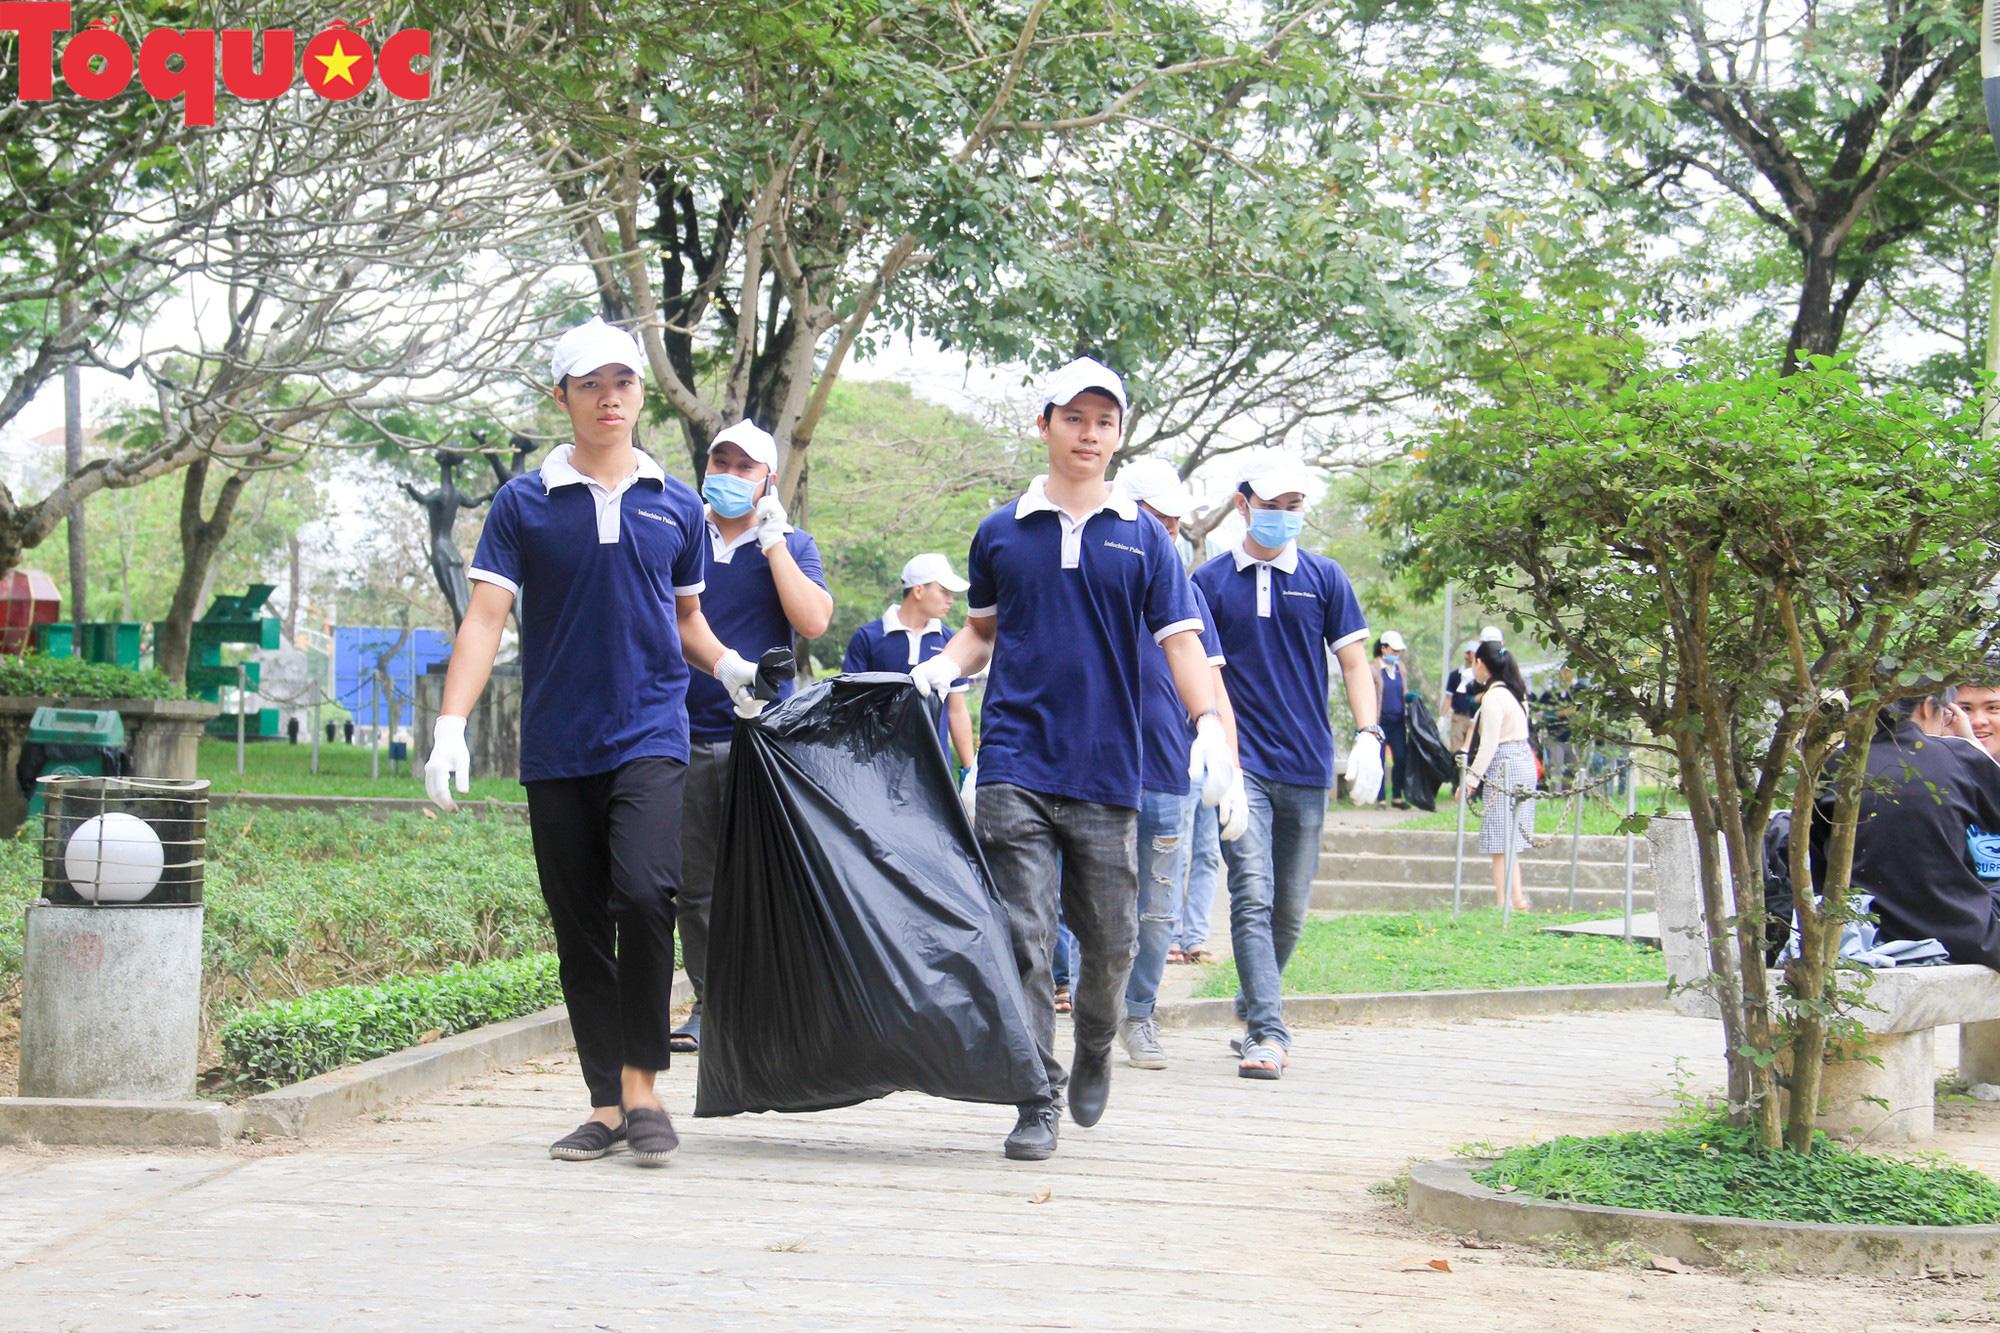 Ngành Du lịch Thừa Thiên Huế ra quân hưởng ứng Ngày chủ nhật xanh - Ảnh 2.